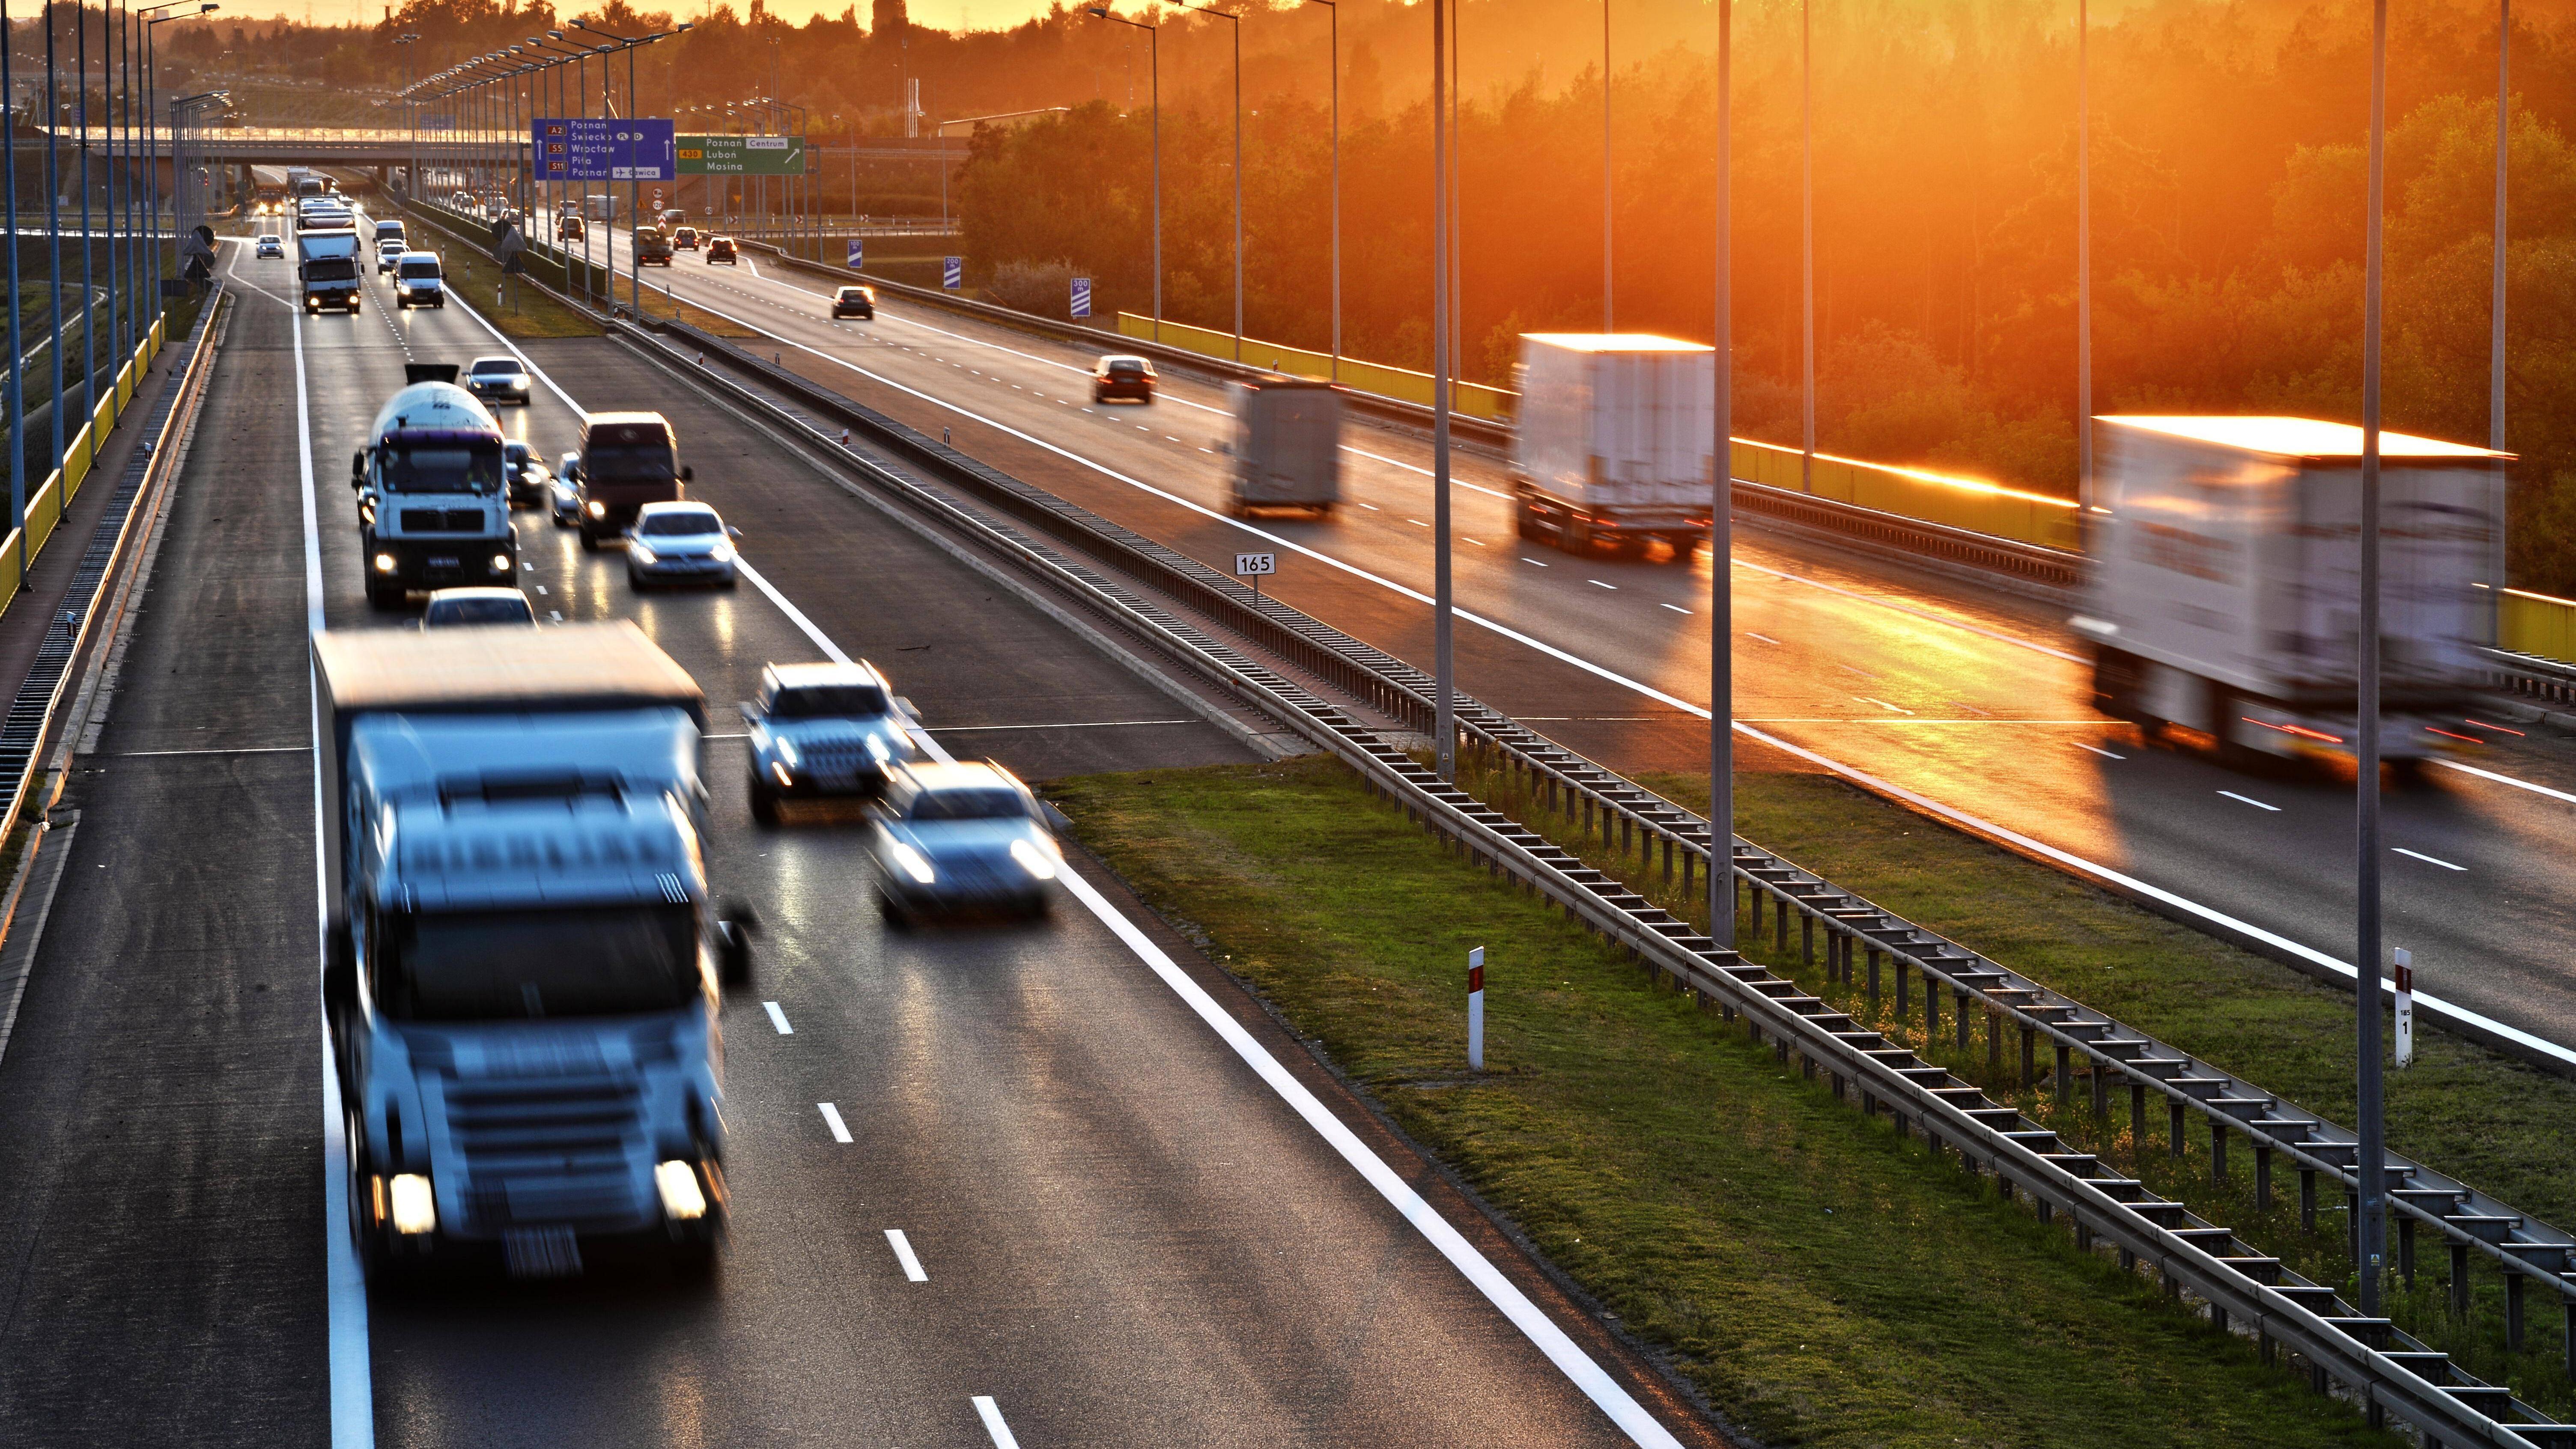 Mindestgeschwindigkeit auf Autobahn: Das müssen Sie wissen